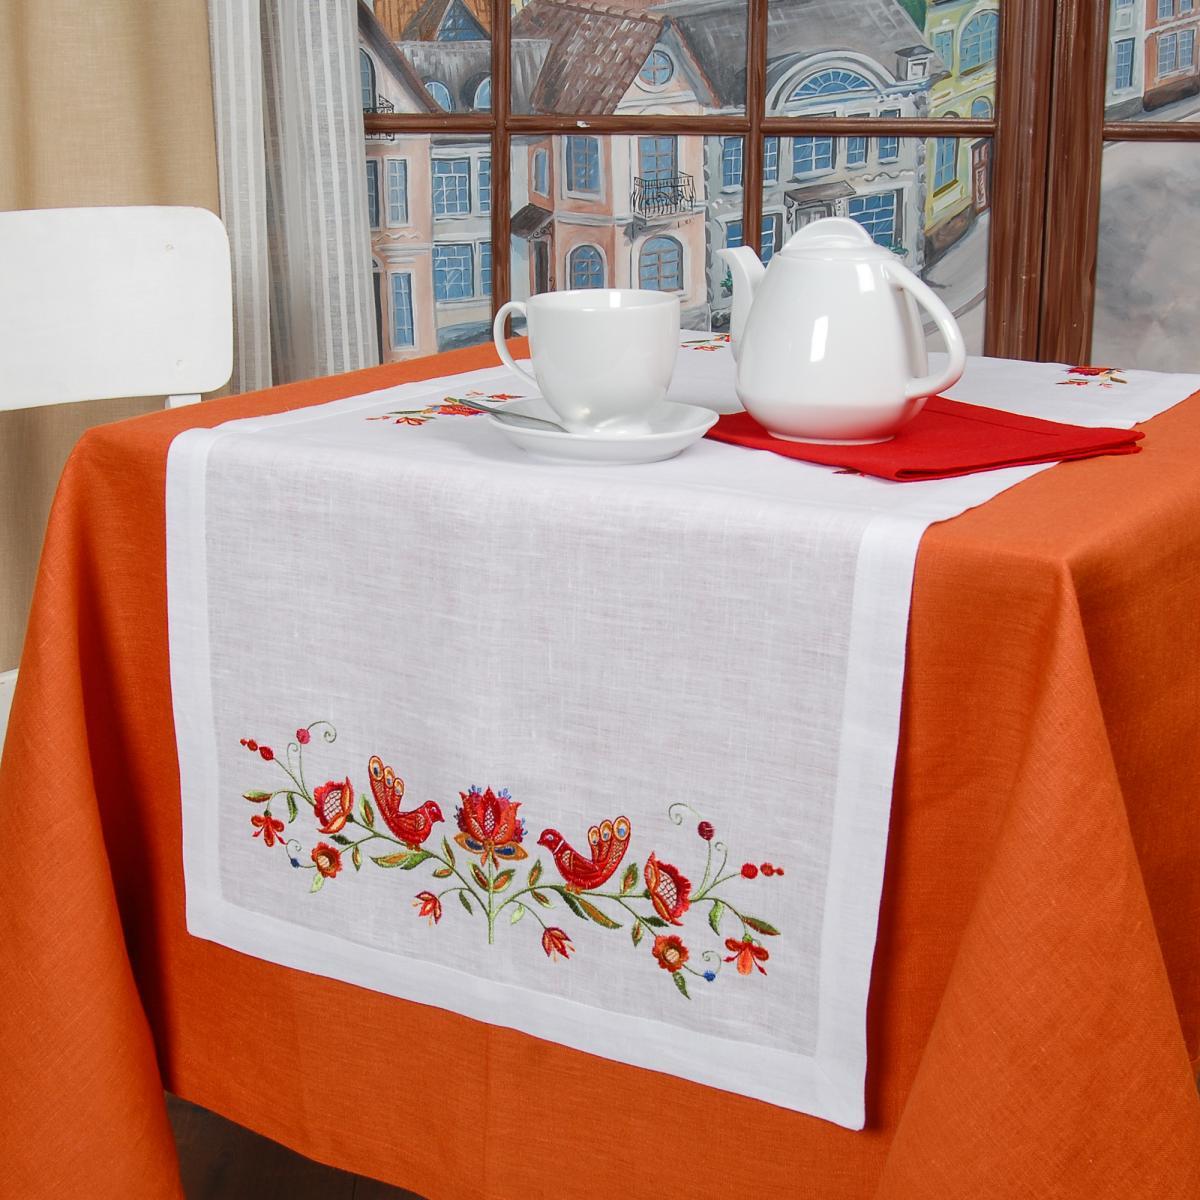 Біла Лляна доріжка на стіл Дерево життя 140*45. Фото №3. | Народний дім Україна